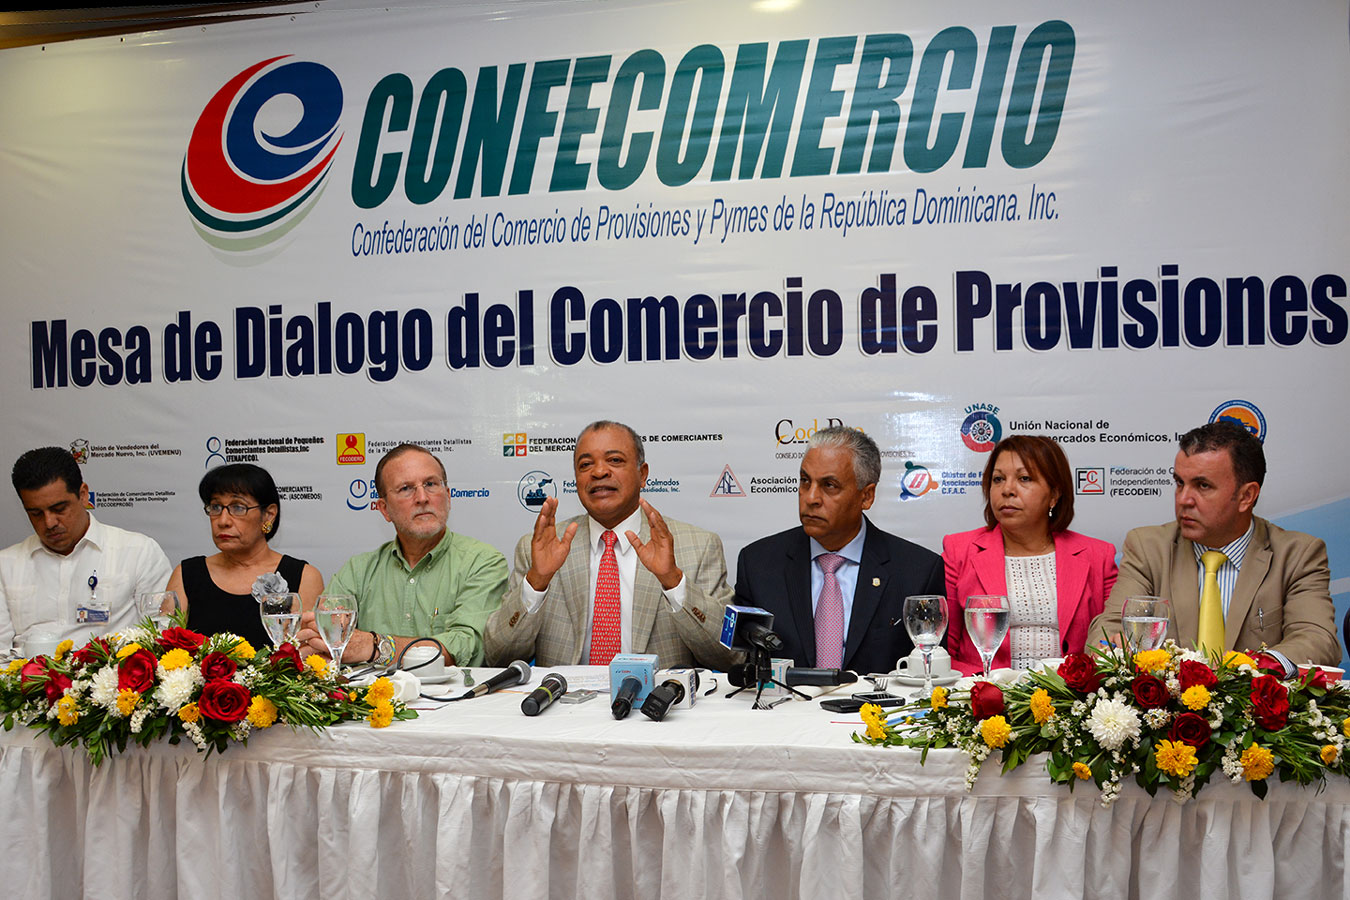 Los comerciantes consideran que el Gobierno debería impulsar un inventario nacional de alimentos.| Gabriel Alcántara